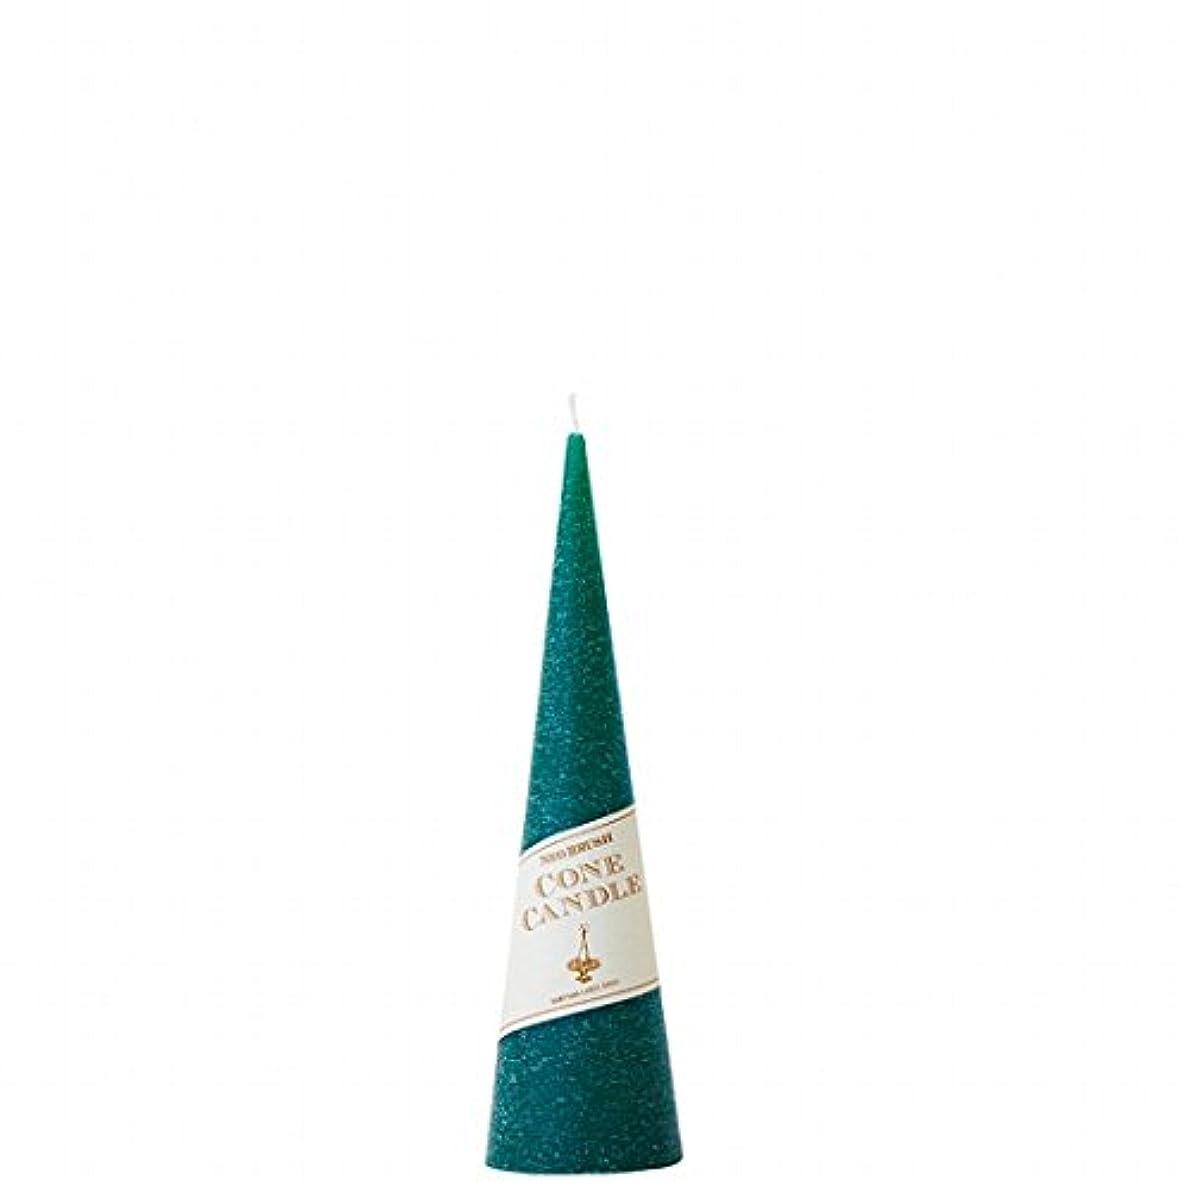 調停者精神いわゆるkameyama candle(カメヤマキャンドル) ネオブラッシュコーン 180 キャンドル 「 グリーン 」(A9750010G)